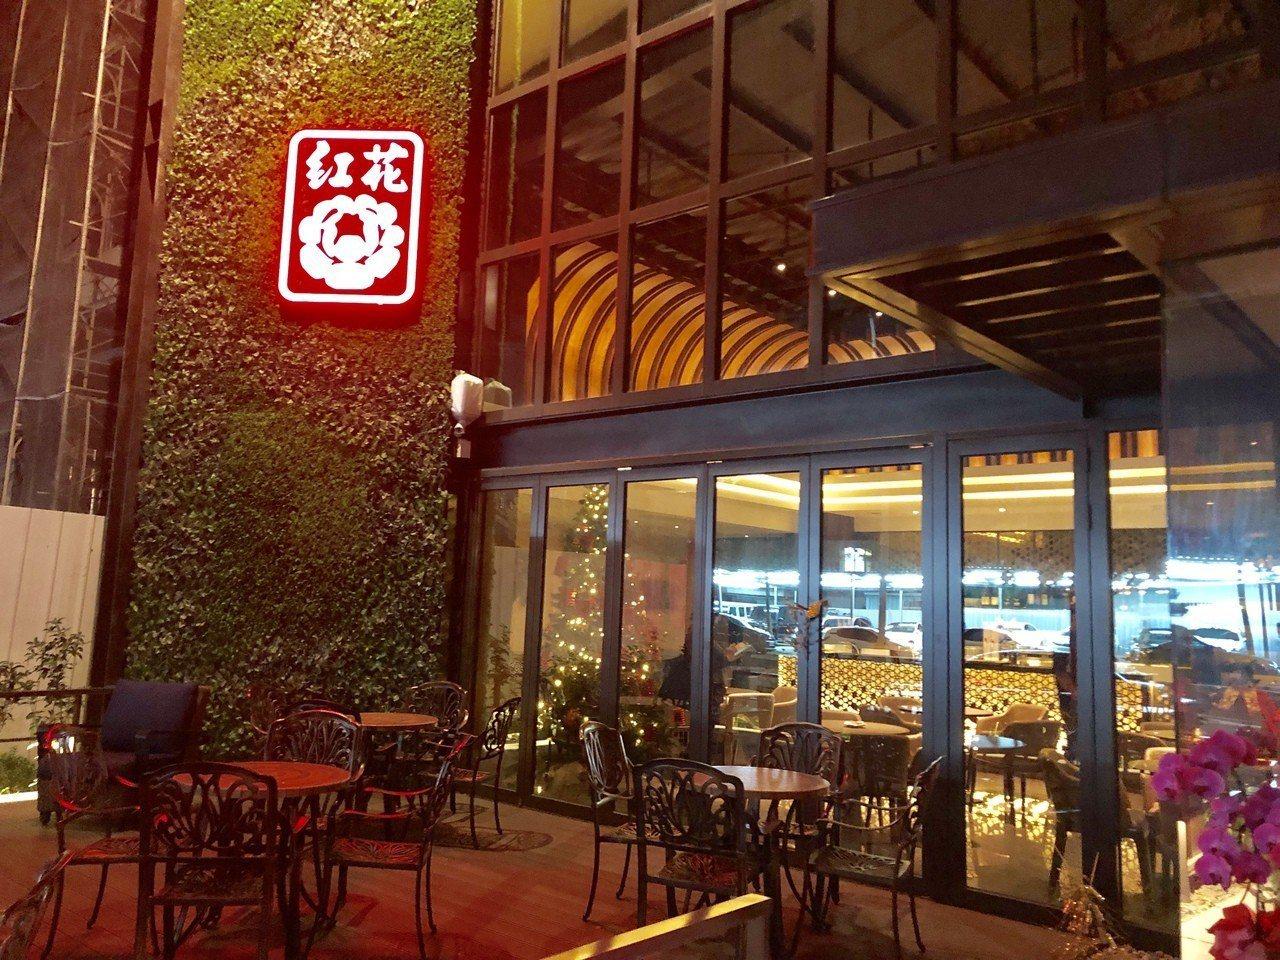 台北名店「紅花鐵板燒」將進駐台中市公益路餐飲商圈,鎖定中台灣老饕及頂級客層,主推...